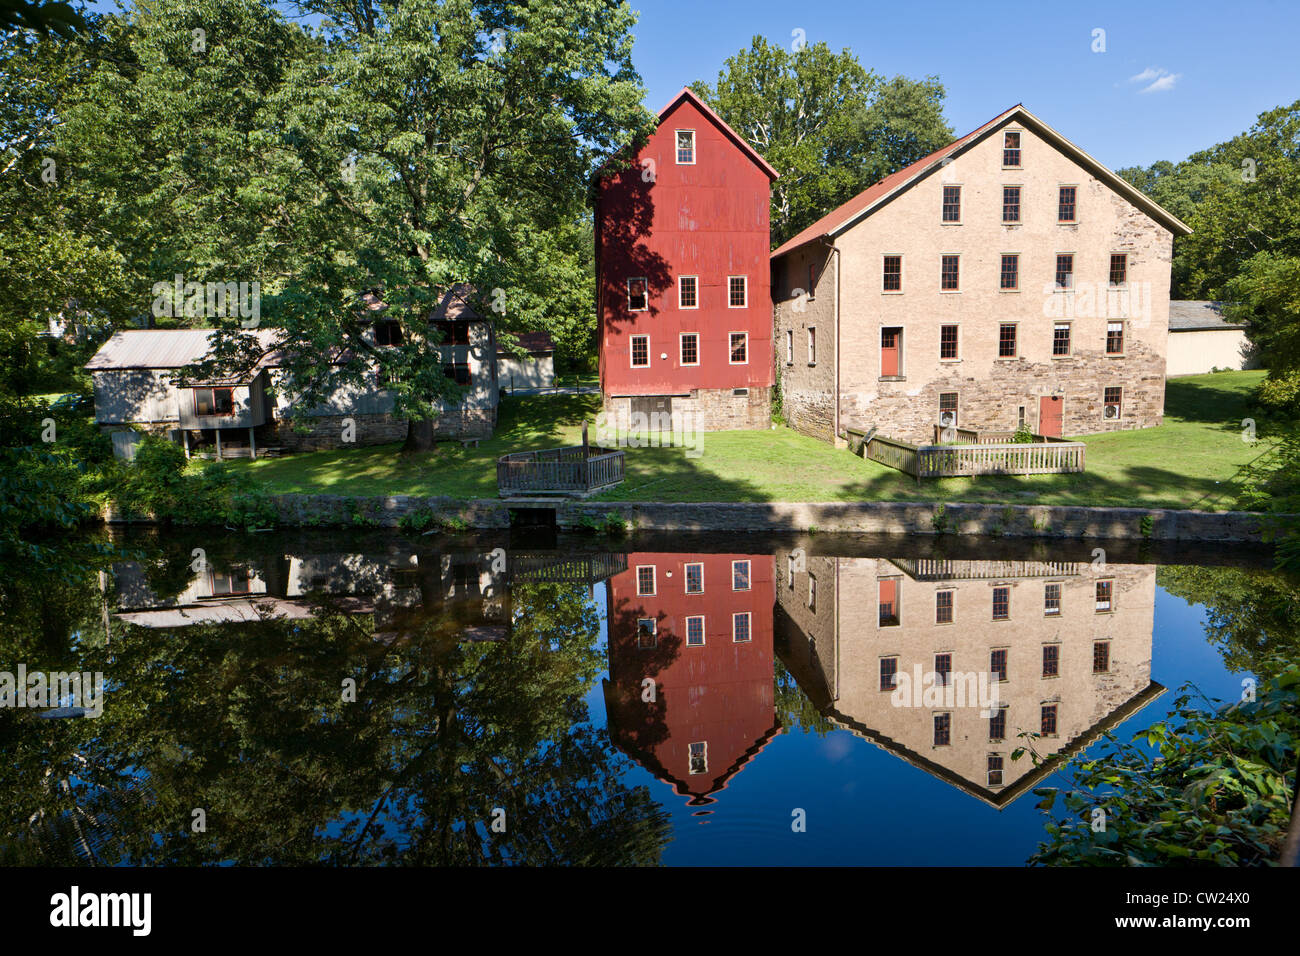 Prallsville Mühlen, Delaware und Raritan Canal State Park, New Jersey Stockbild